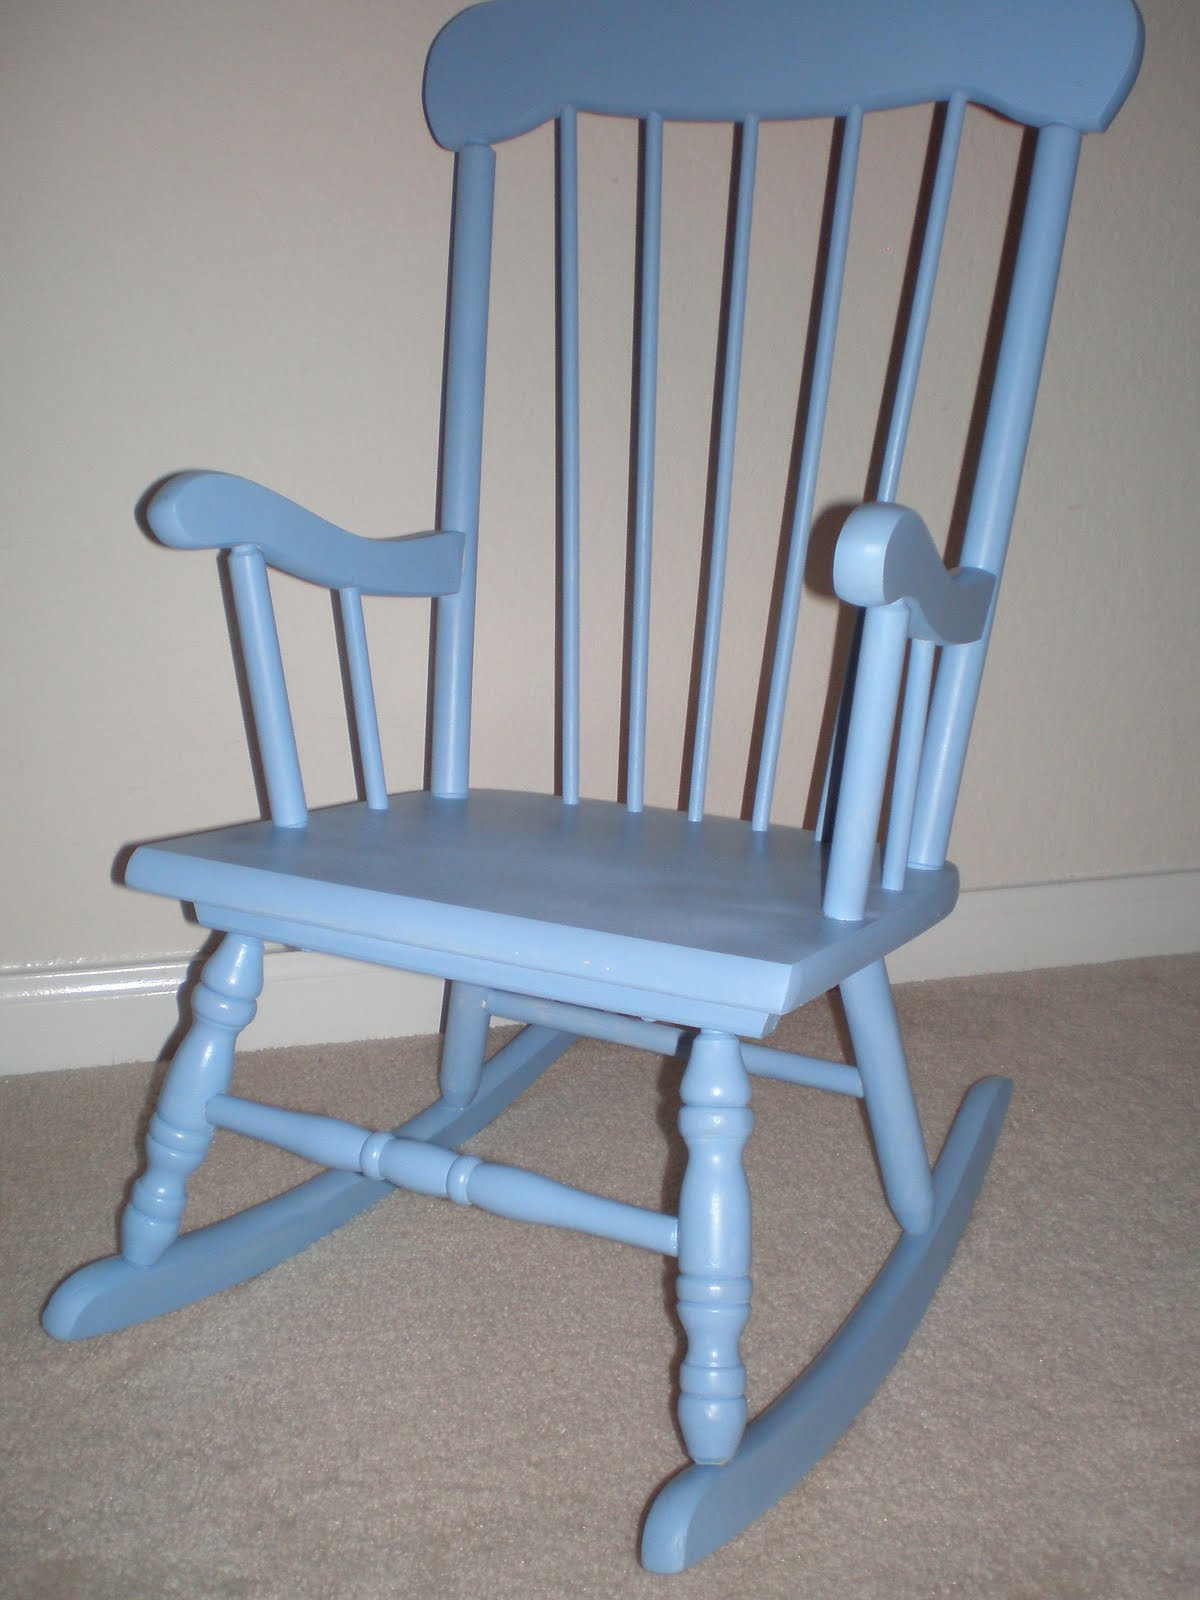 Baby Furniture Chair Papasan Cushion Outdoor Brown Turquoise Diy Rocking